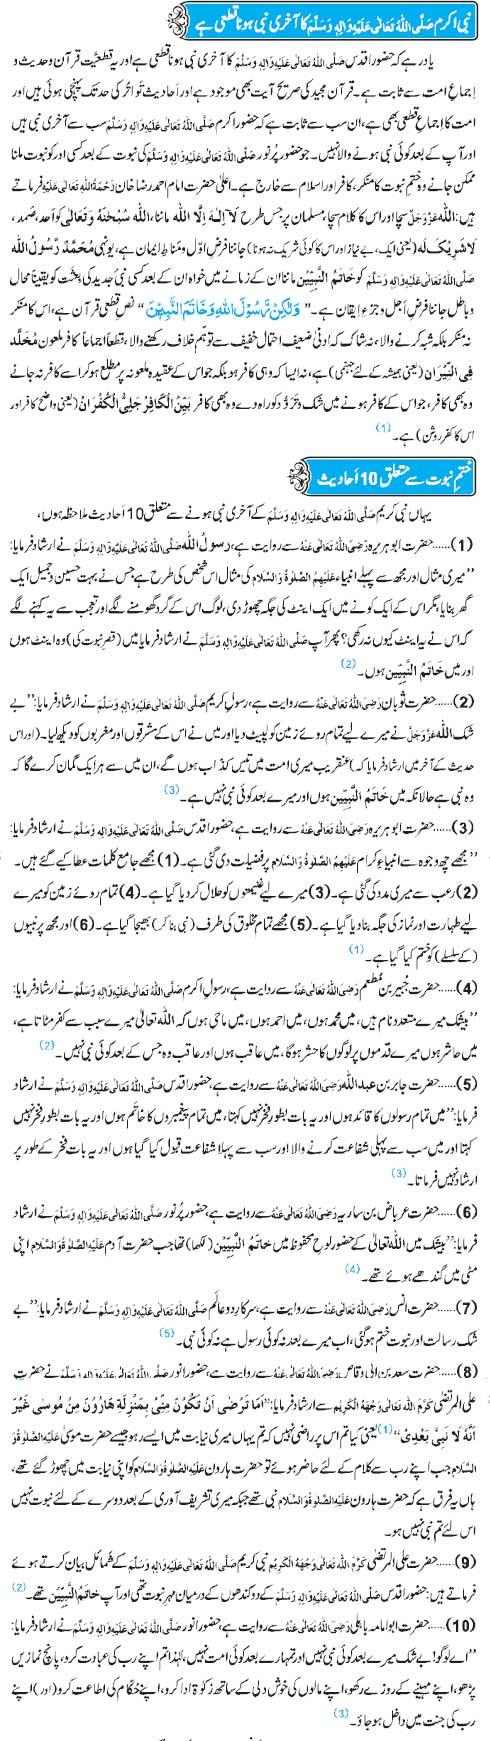 Khatam e Nabuwat: Hazrat Muhammad (P.B.U.H)